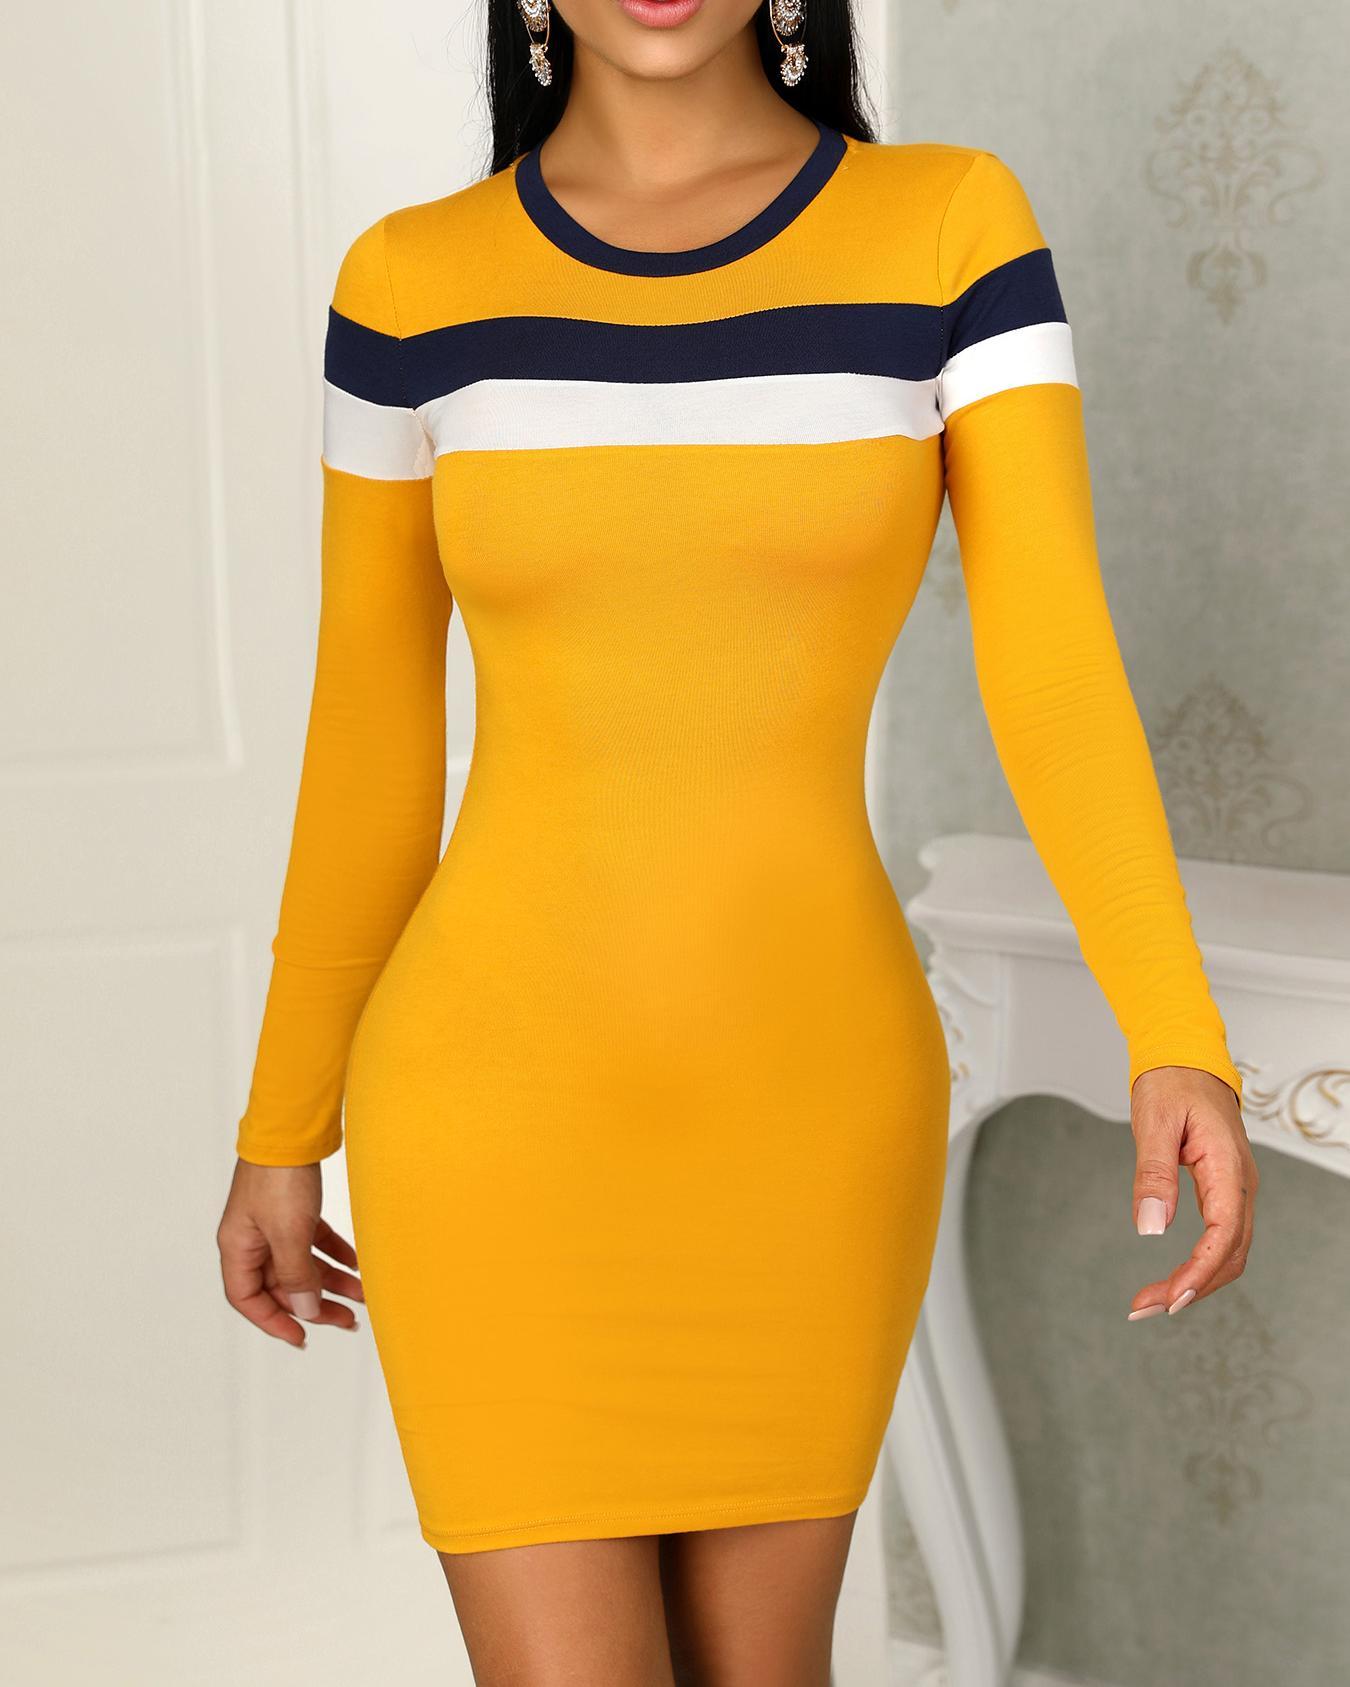 Colorblock Striped Splicing Bodycon Dress